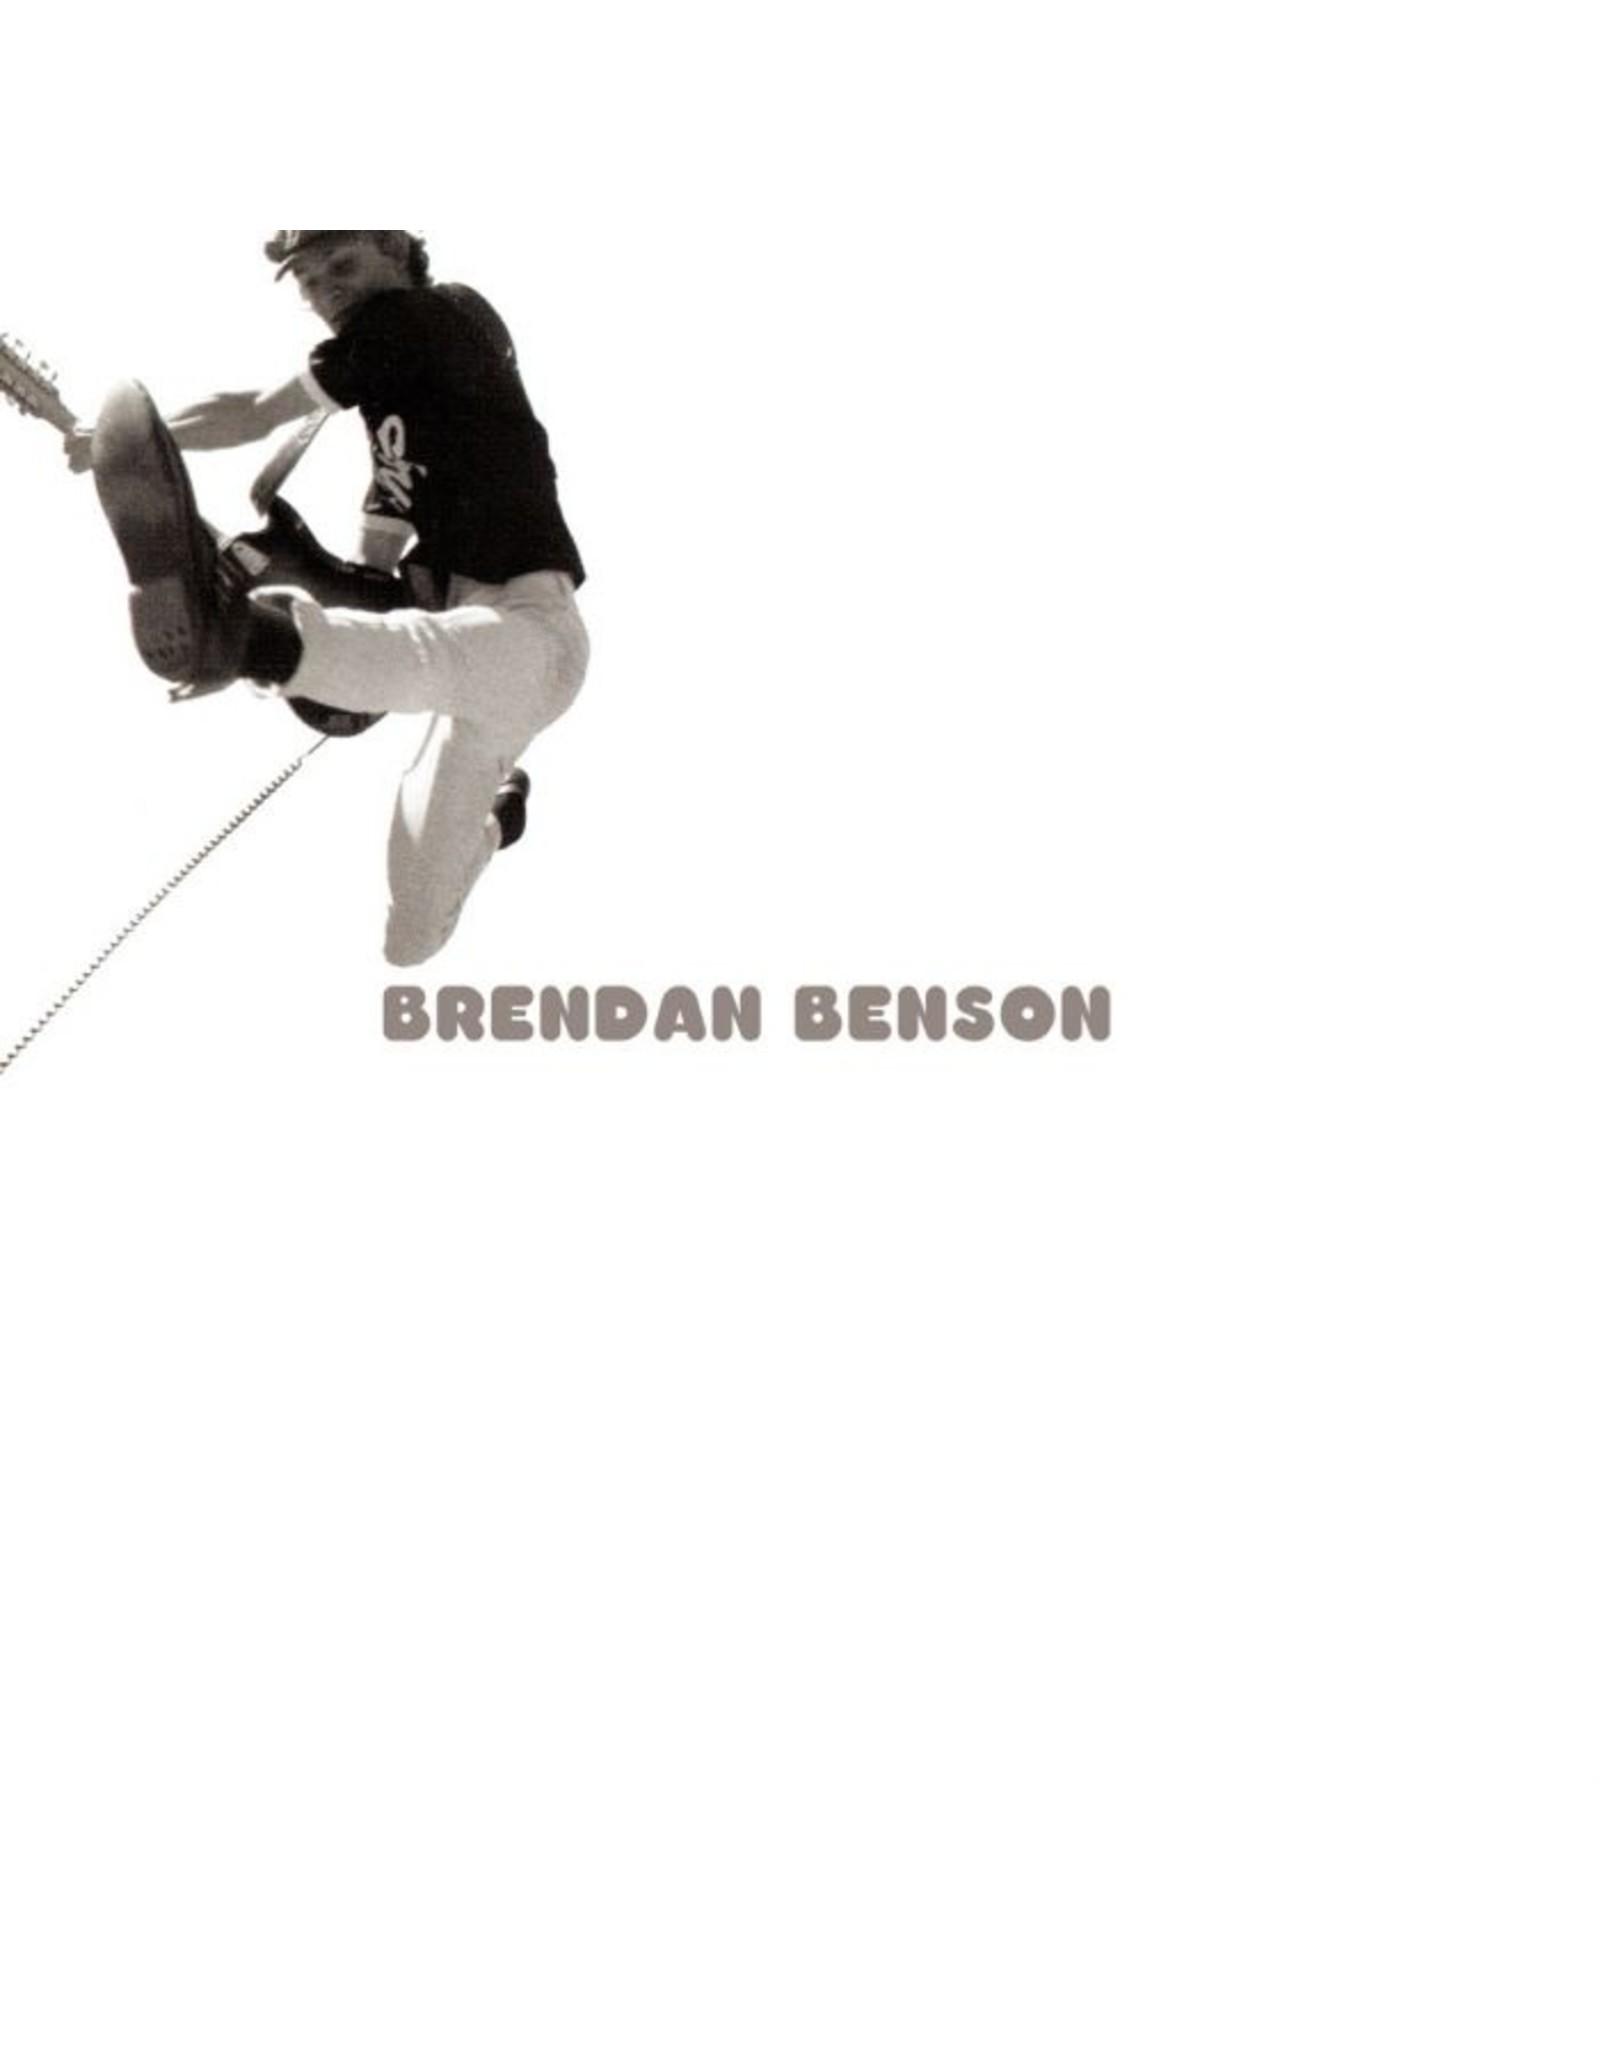 New Vinyl Brendan Benson - One Mississippi LP